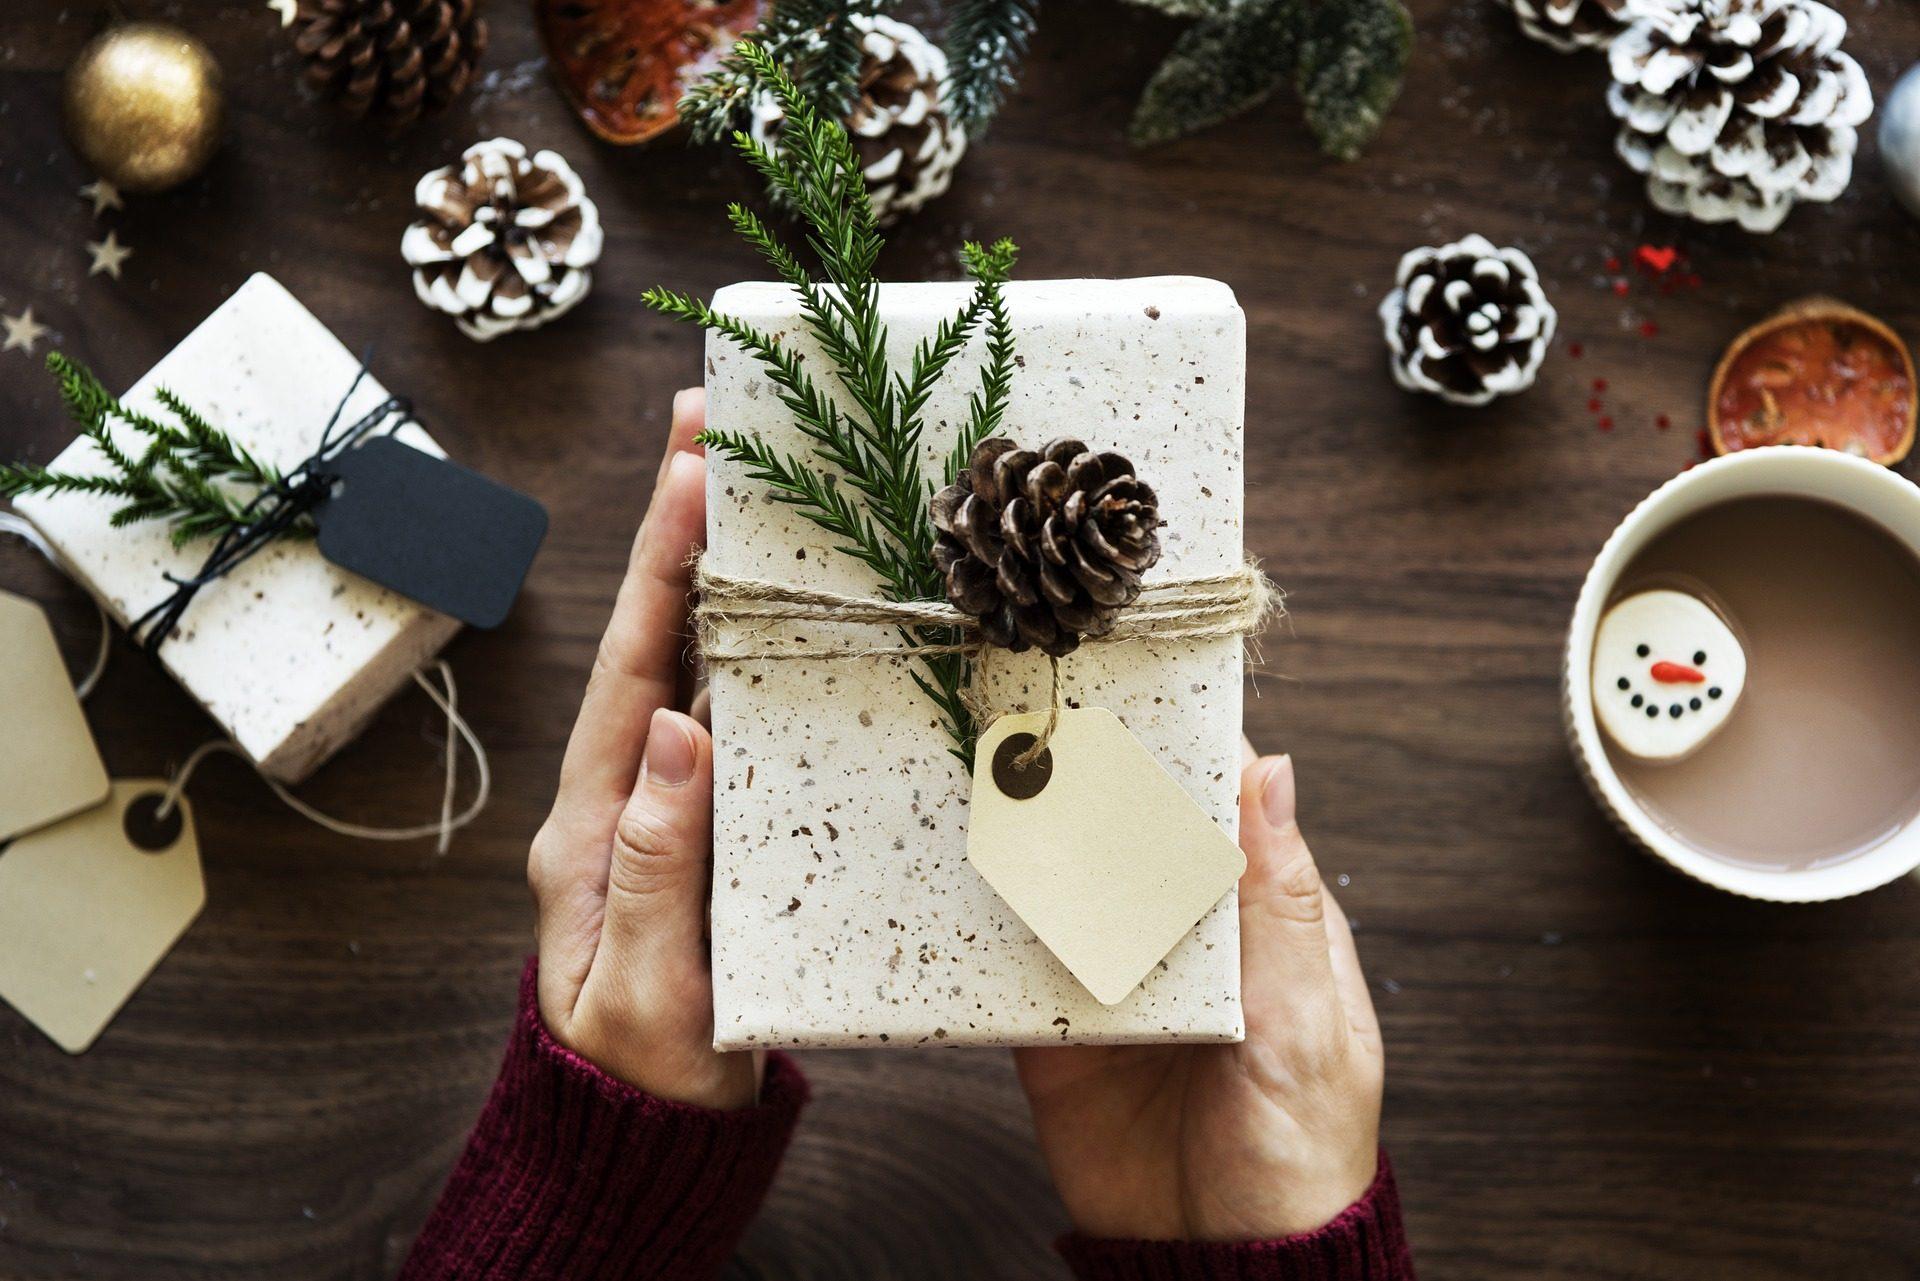 Regali Di Natale Per Maestre Elementari.Regalo Di Natale Alle Maestre Si O No Le Nuove Mamme